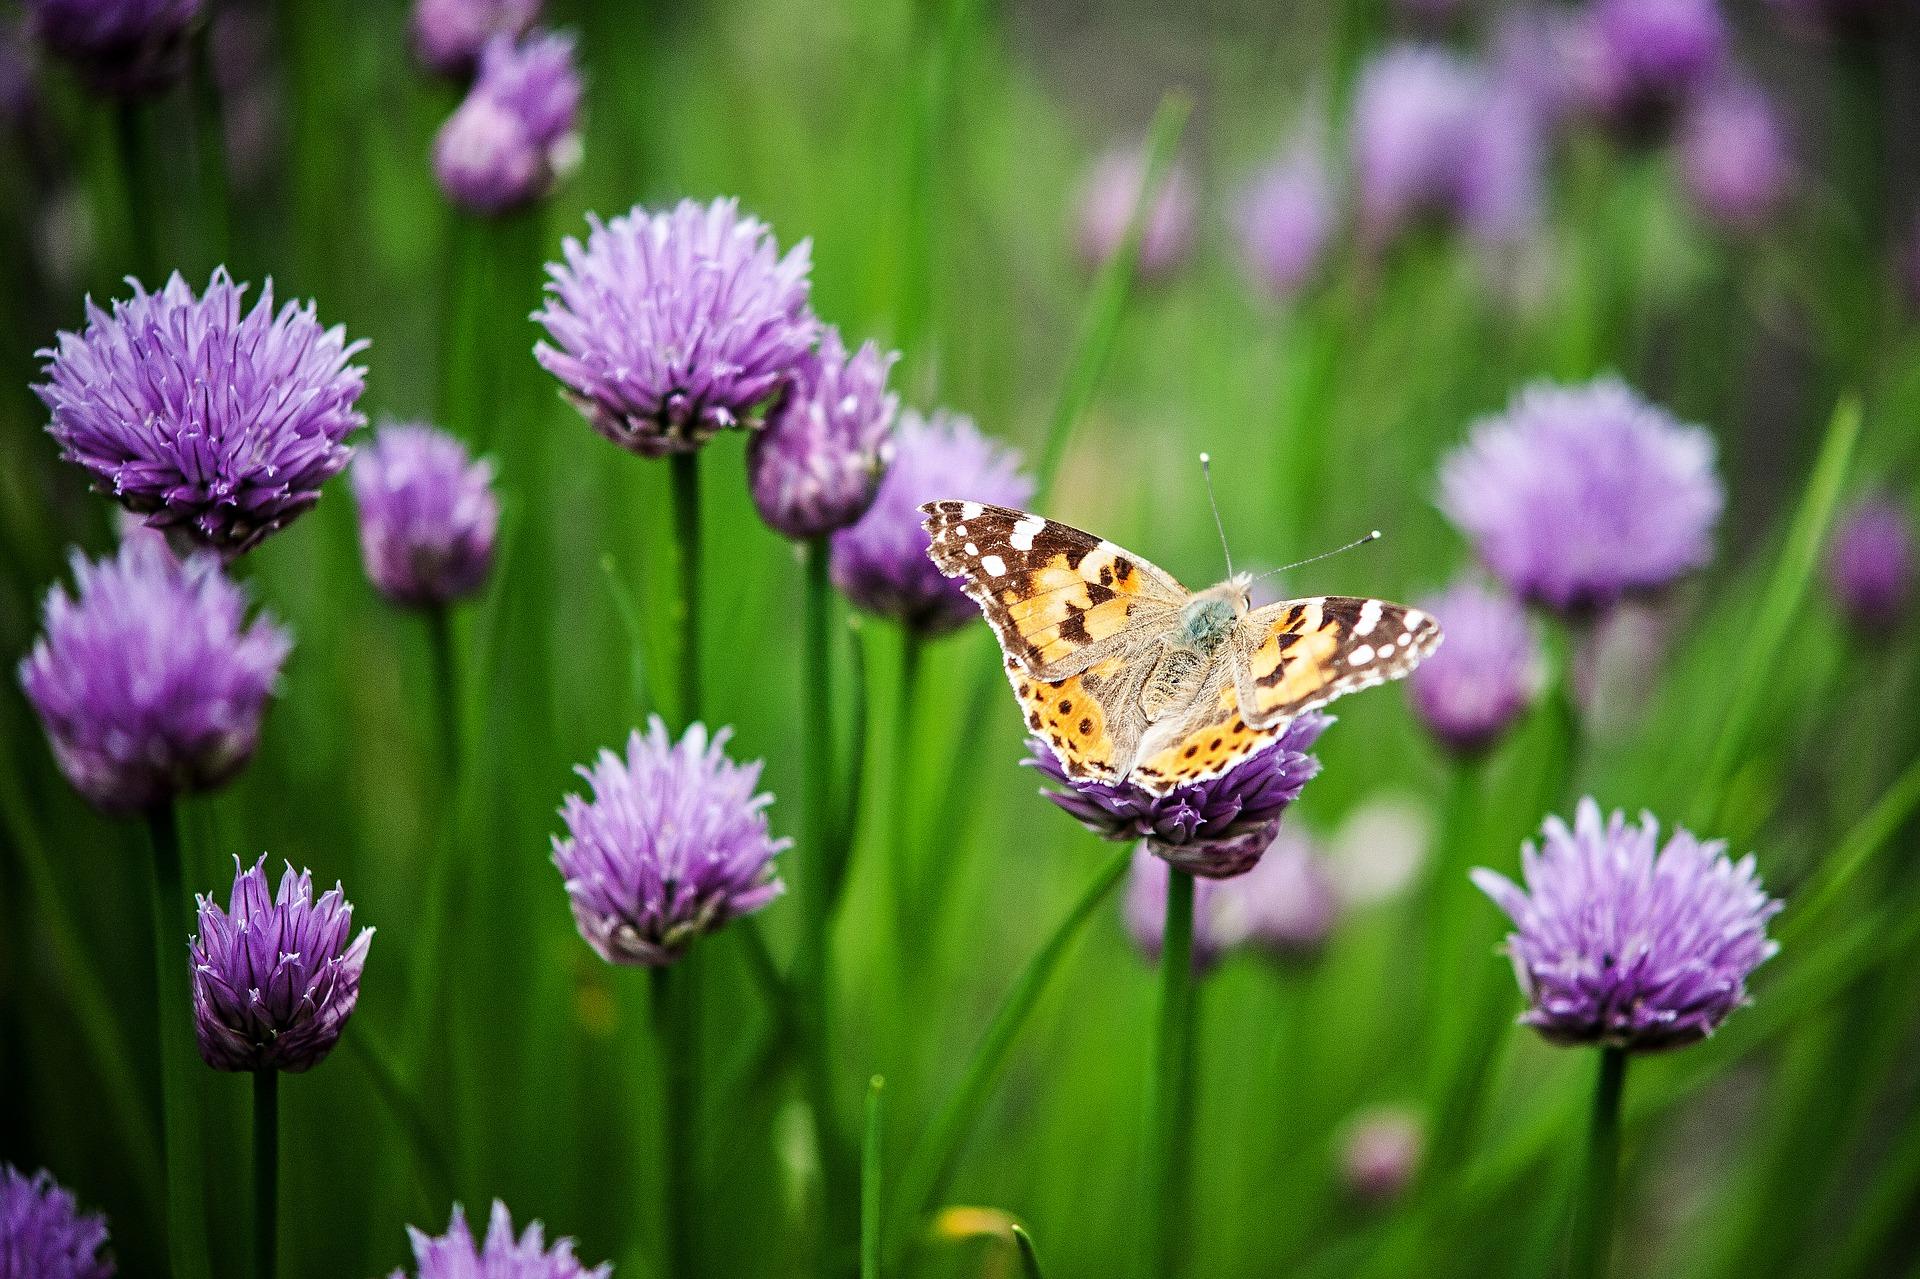 """So, 30. Juni, 14 Uhr: """"Wer schillert am schönsten?"""" Beim Kiezspaziergang entlang des Naturerlebnispfades Castanea entdecken und erkunden die Teilnehmer unter fachkundiger Leitung Schmetterlinge. Treffpunkt: Naturschutzzentrum, Hermsdorfer Straße 11 A."""